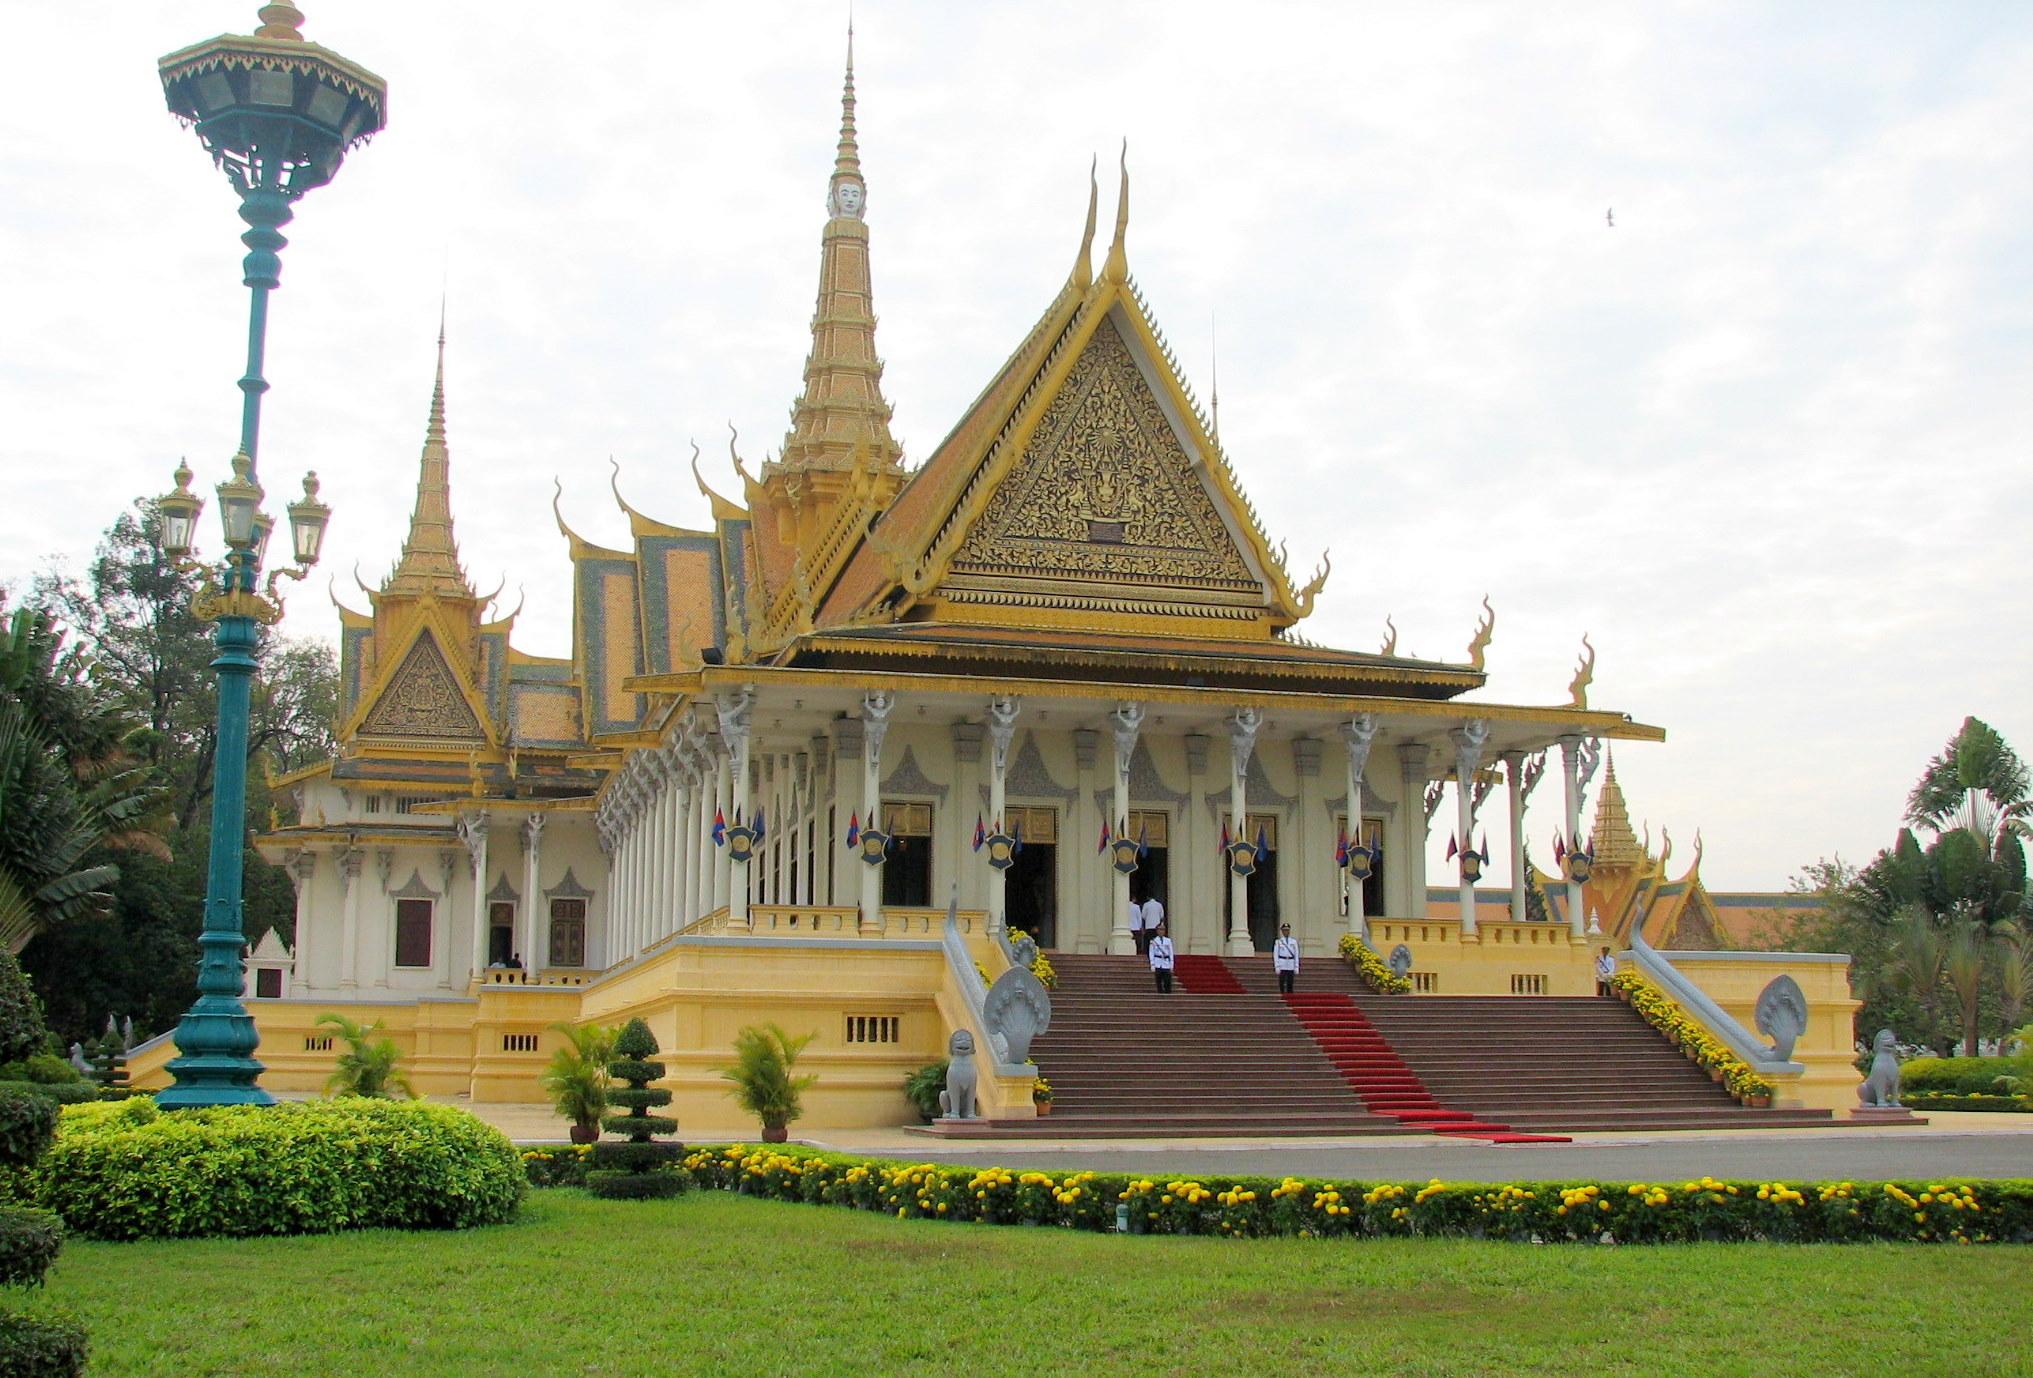 Royal Palace, Phnom Penh Pics, Man Made Collection